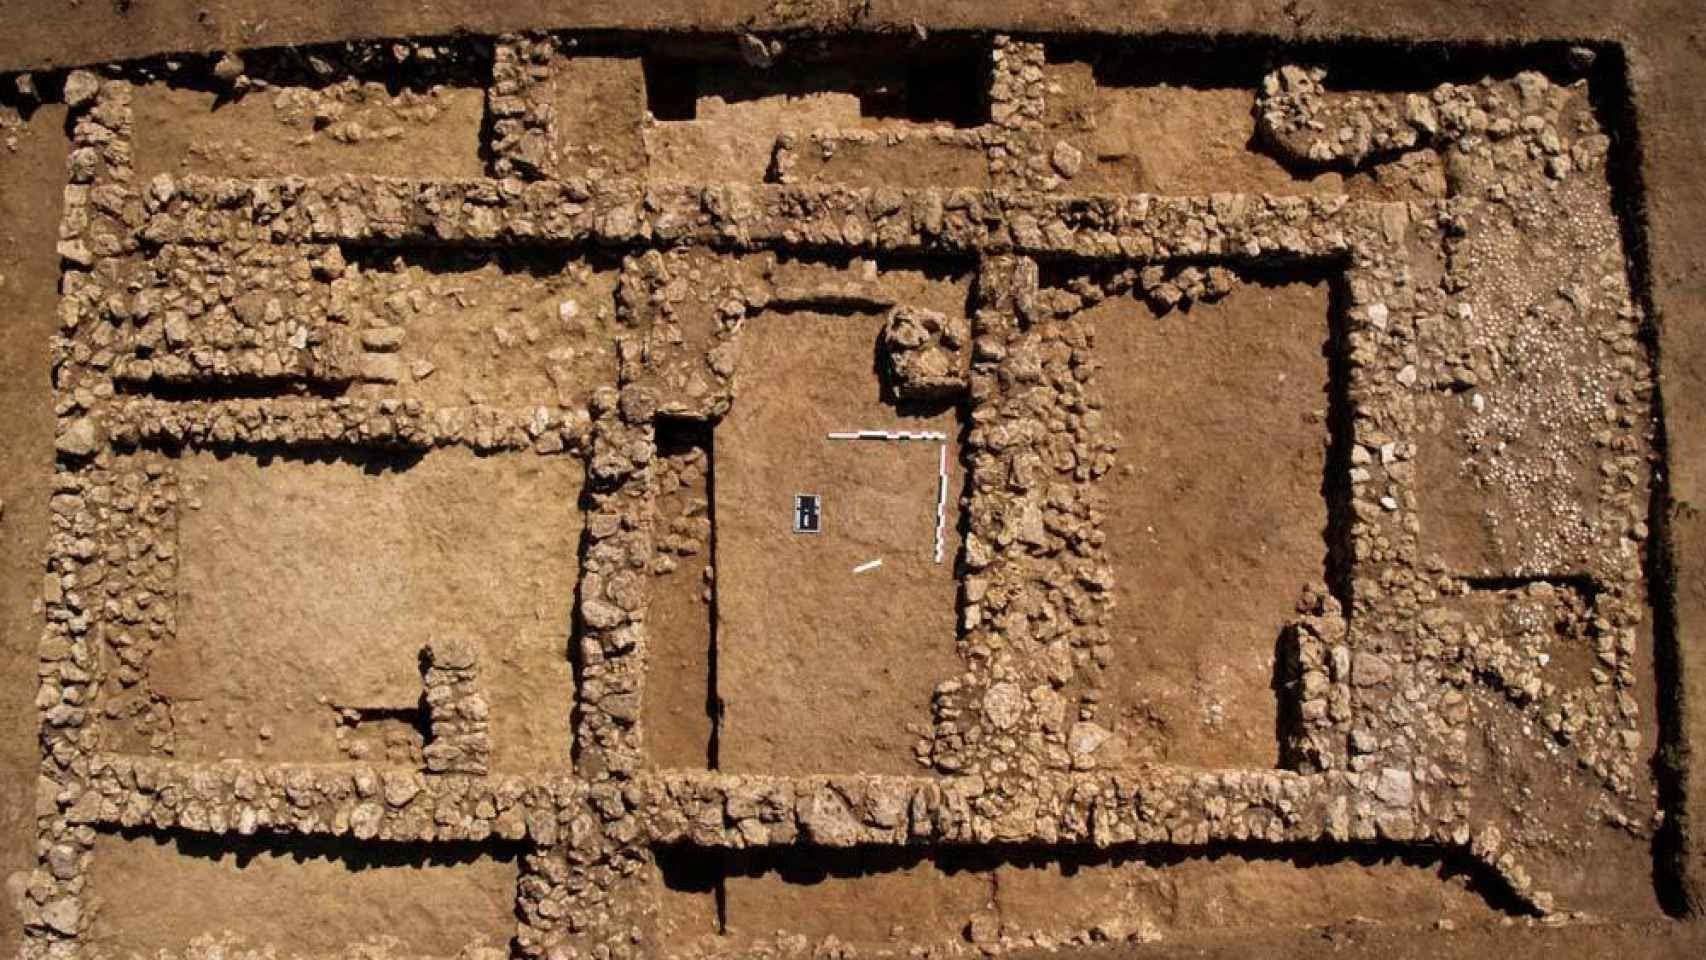 El yacimiento de Alcorrín es uno de los recursos arqueológicos más relevante de Andalucía